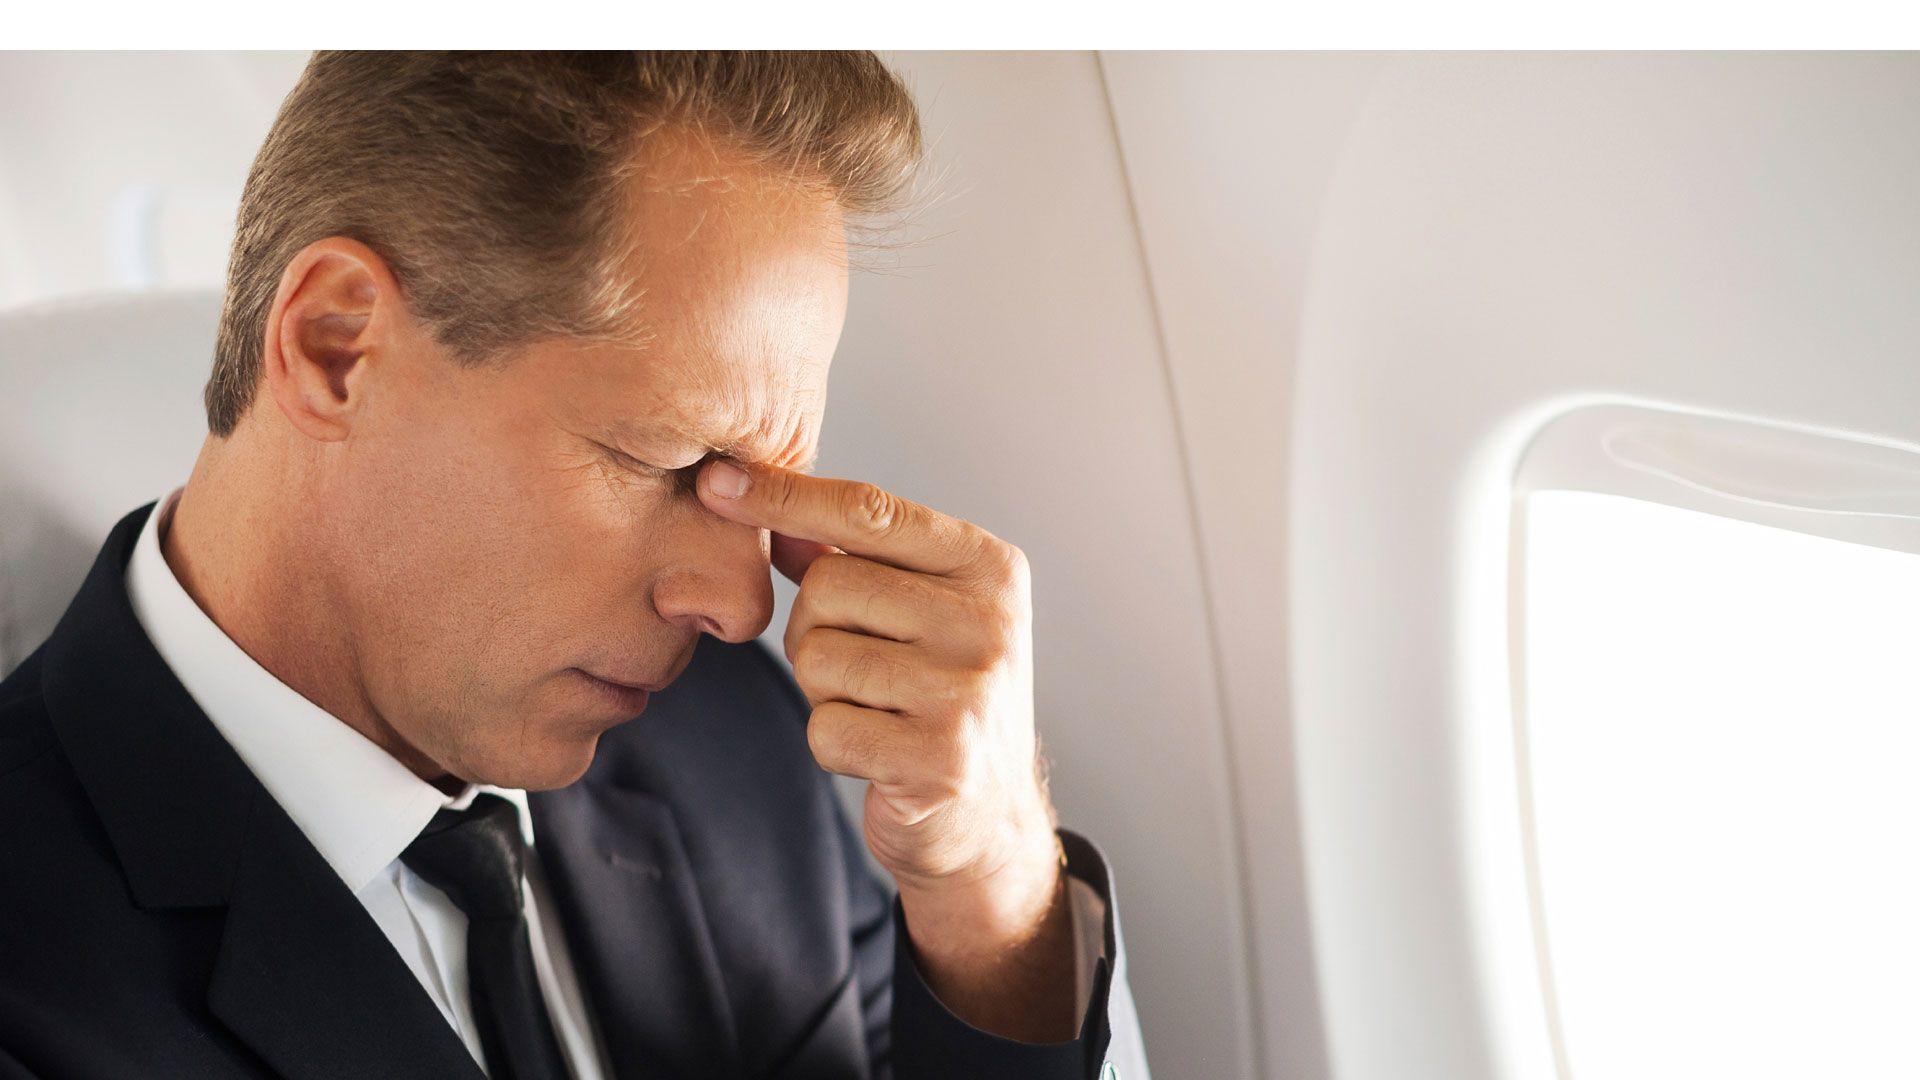 Señor en un avión mareado